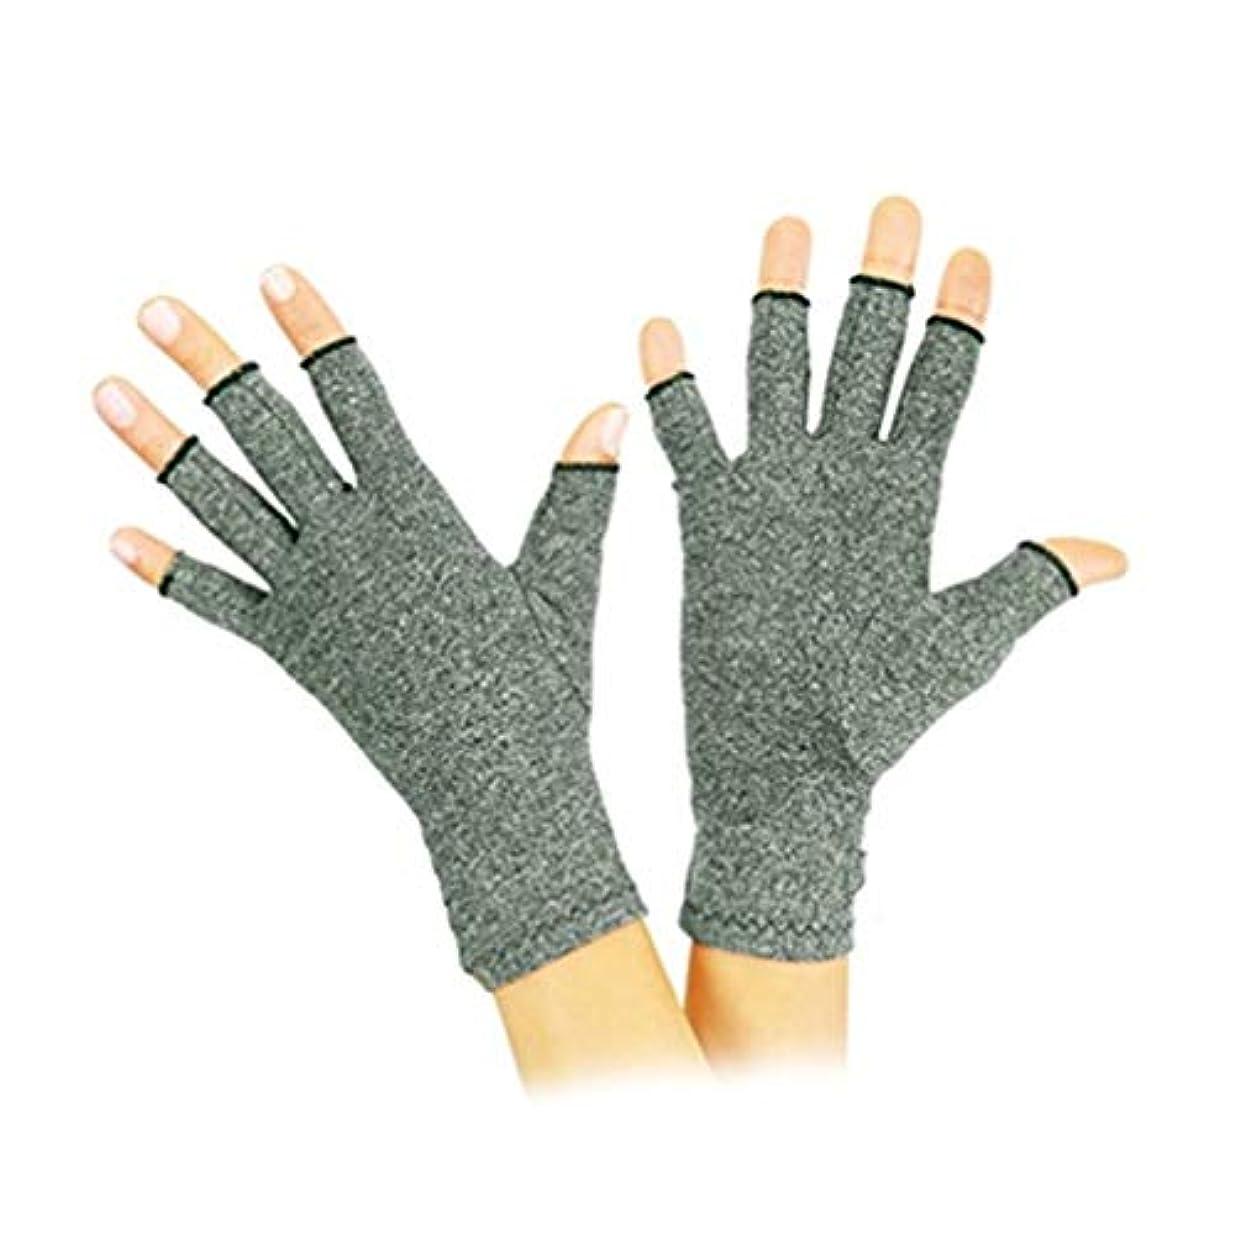 シンジケートリクルート地平線関節リウマチリウマチ性変形性関節症用手袋圧縮手袋コンピュータ入力用痛み緩和